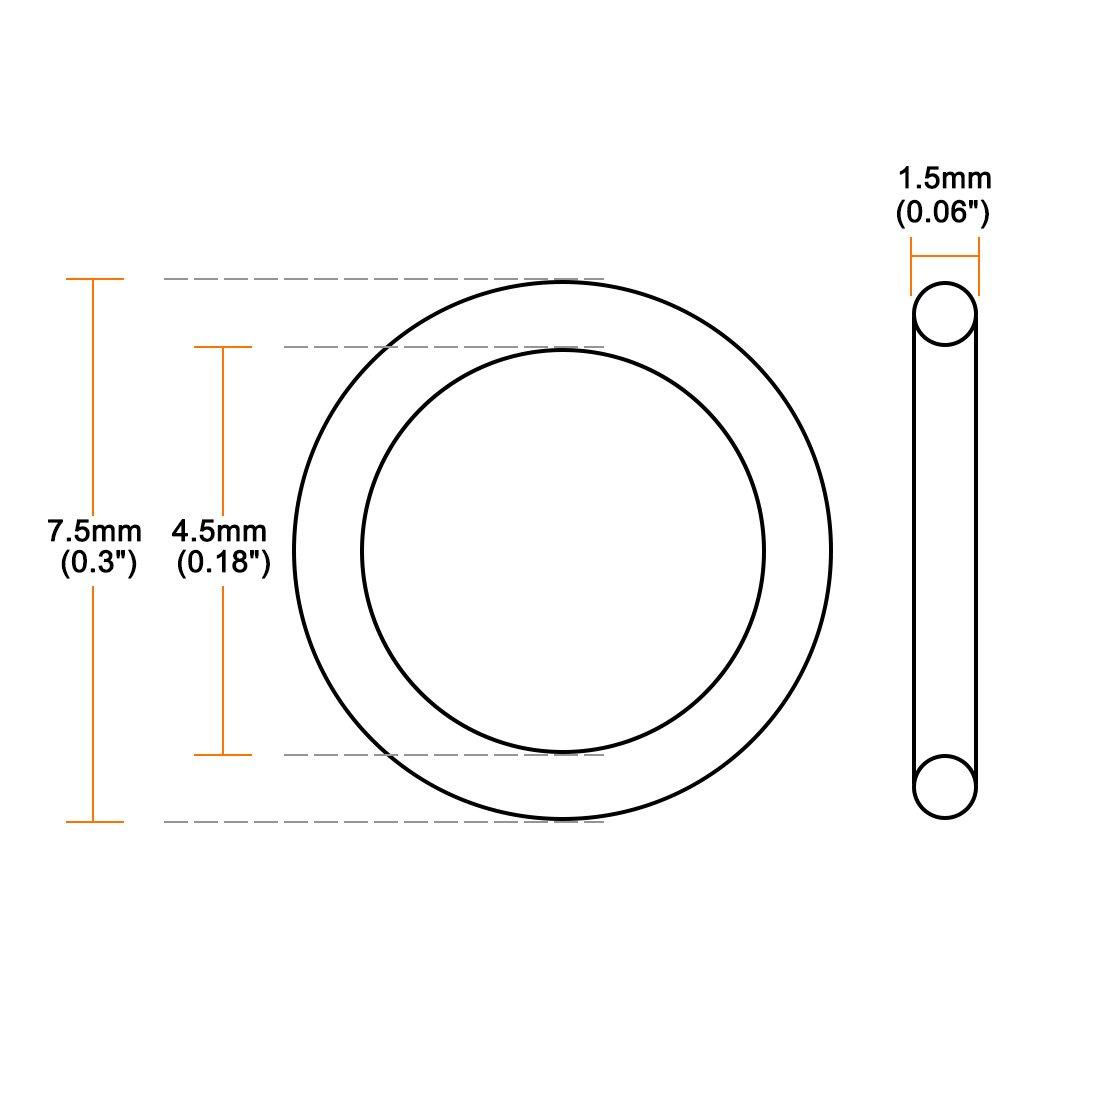 sourcing map Joint torique en caoutchouc nitrile 4.5mm x 7.5mm x 1.5mm Joint d/étanch/éit/é 50pcs